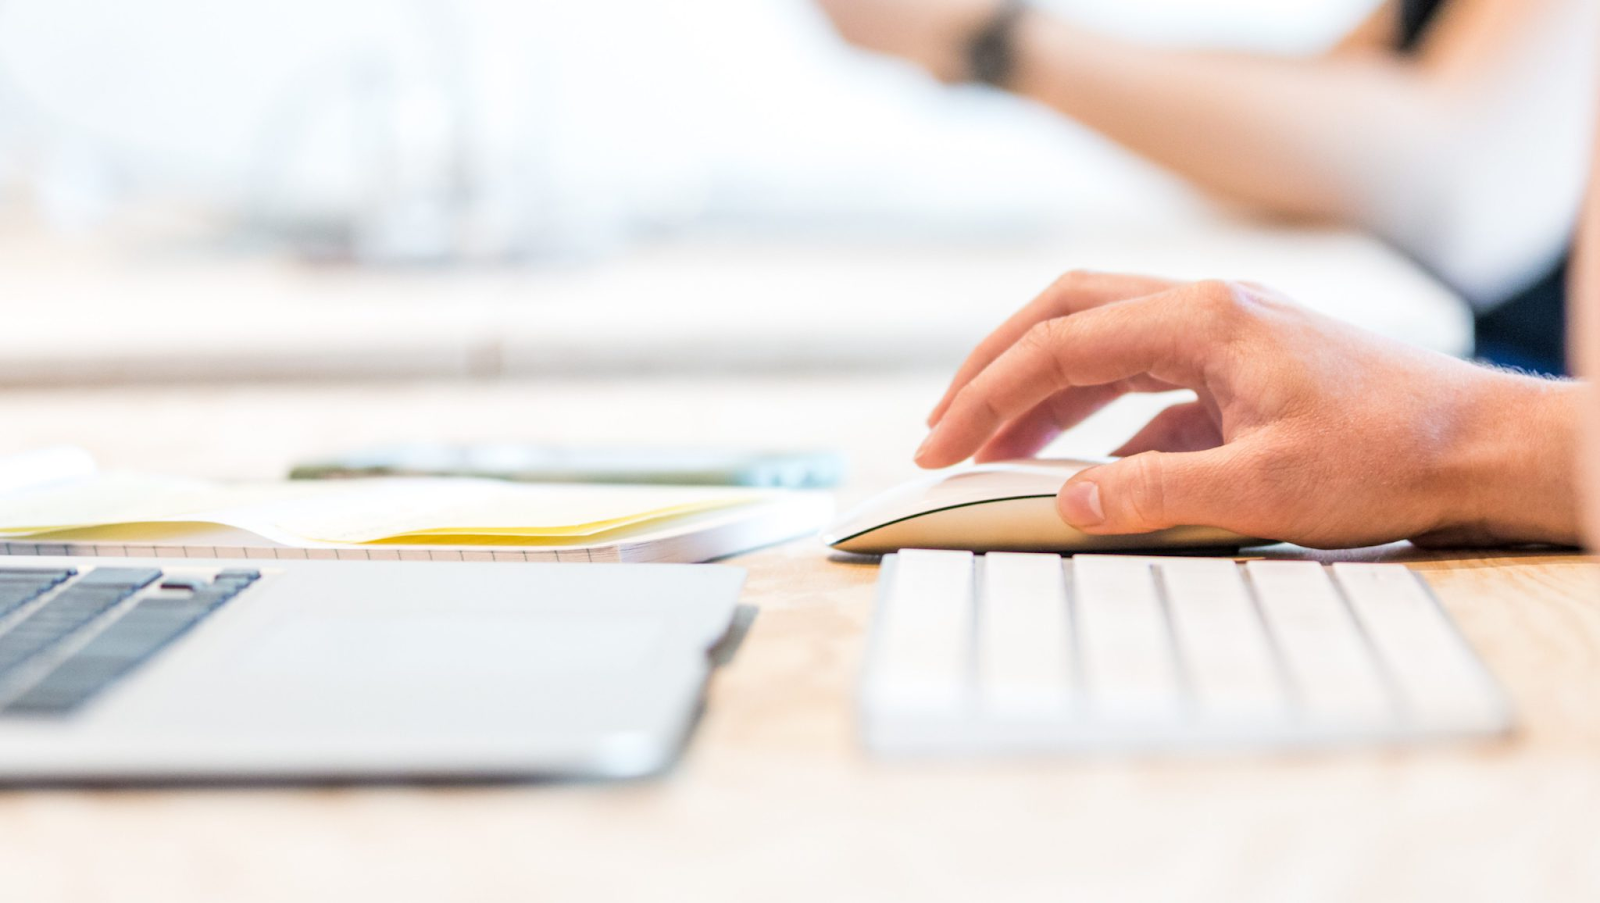 En matière de création de contenu, le marketing visuel est la clé pour inciter les gens à cliquer.